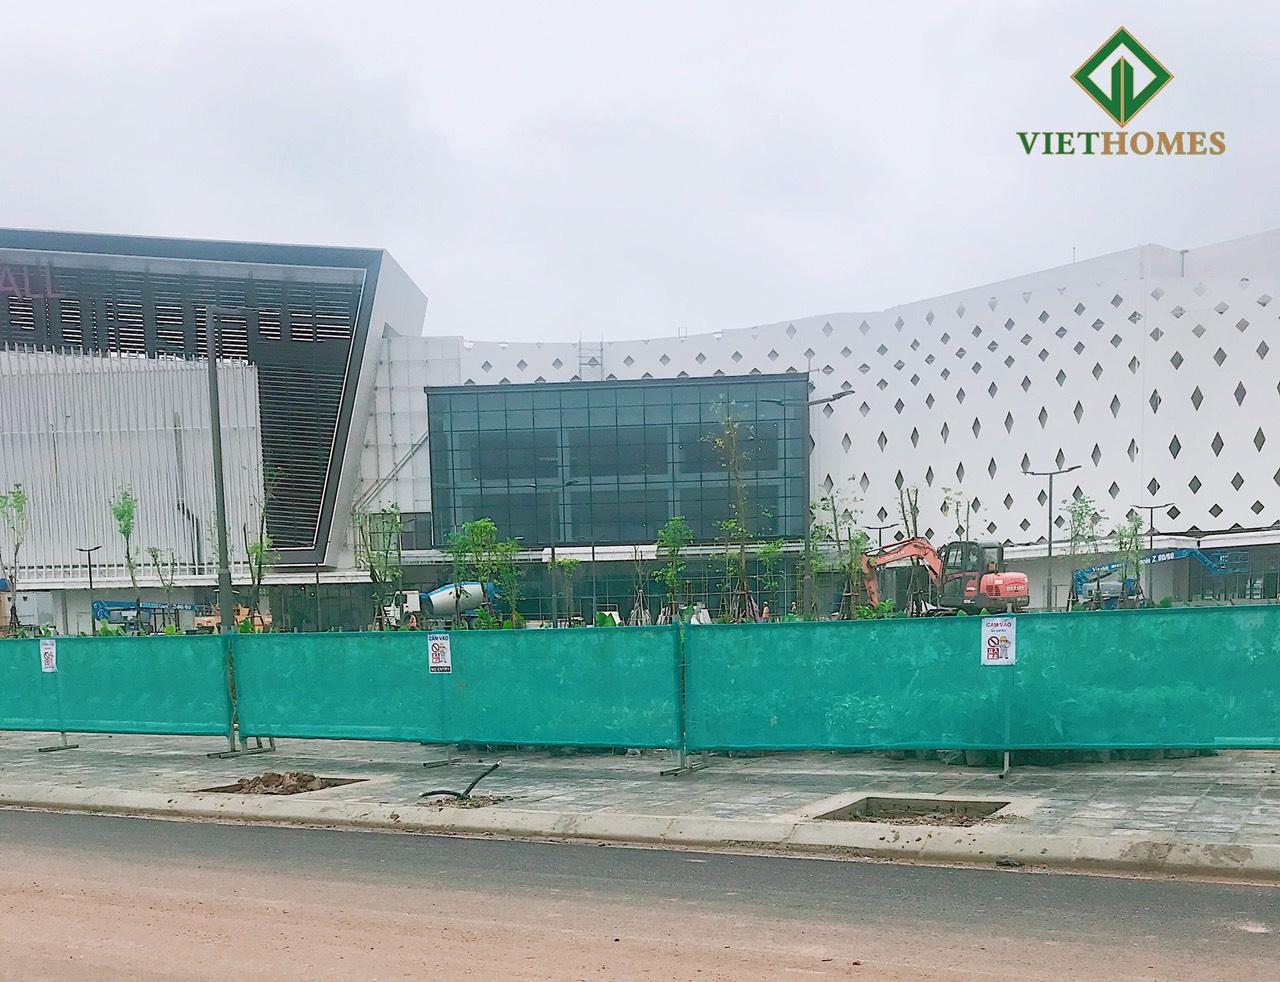 Aeon Mall Hà Đông dần hoàn thiện thúc đẩy tăng giá trị khu đô thị lân cận